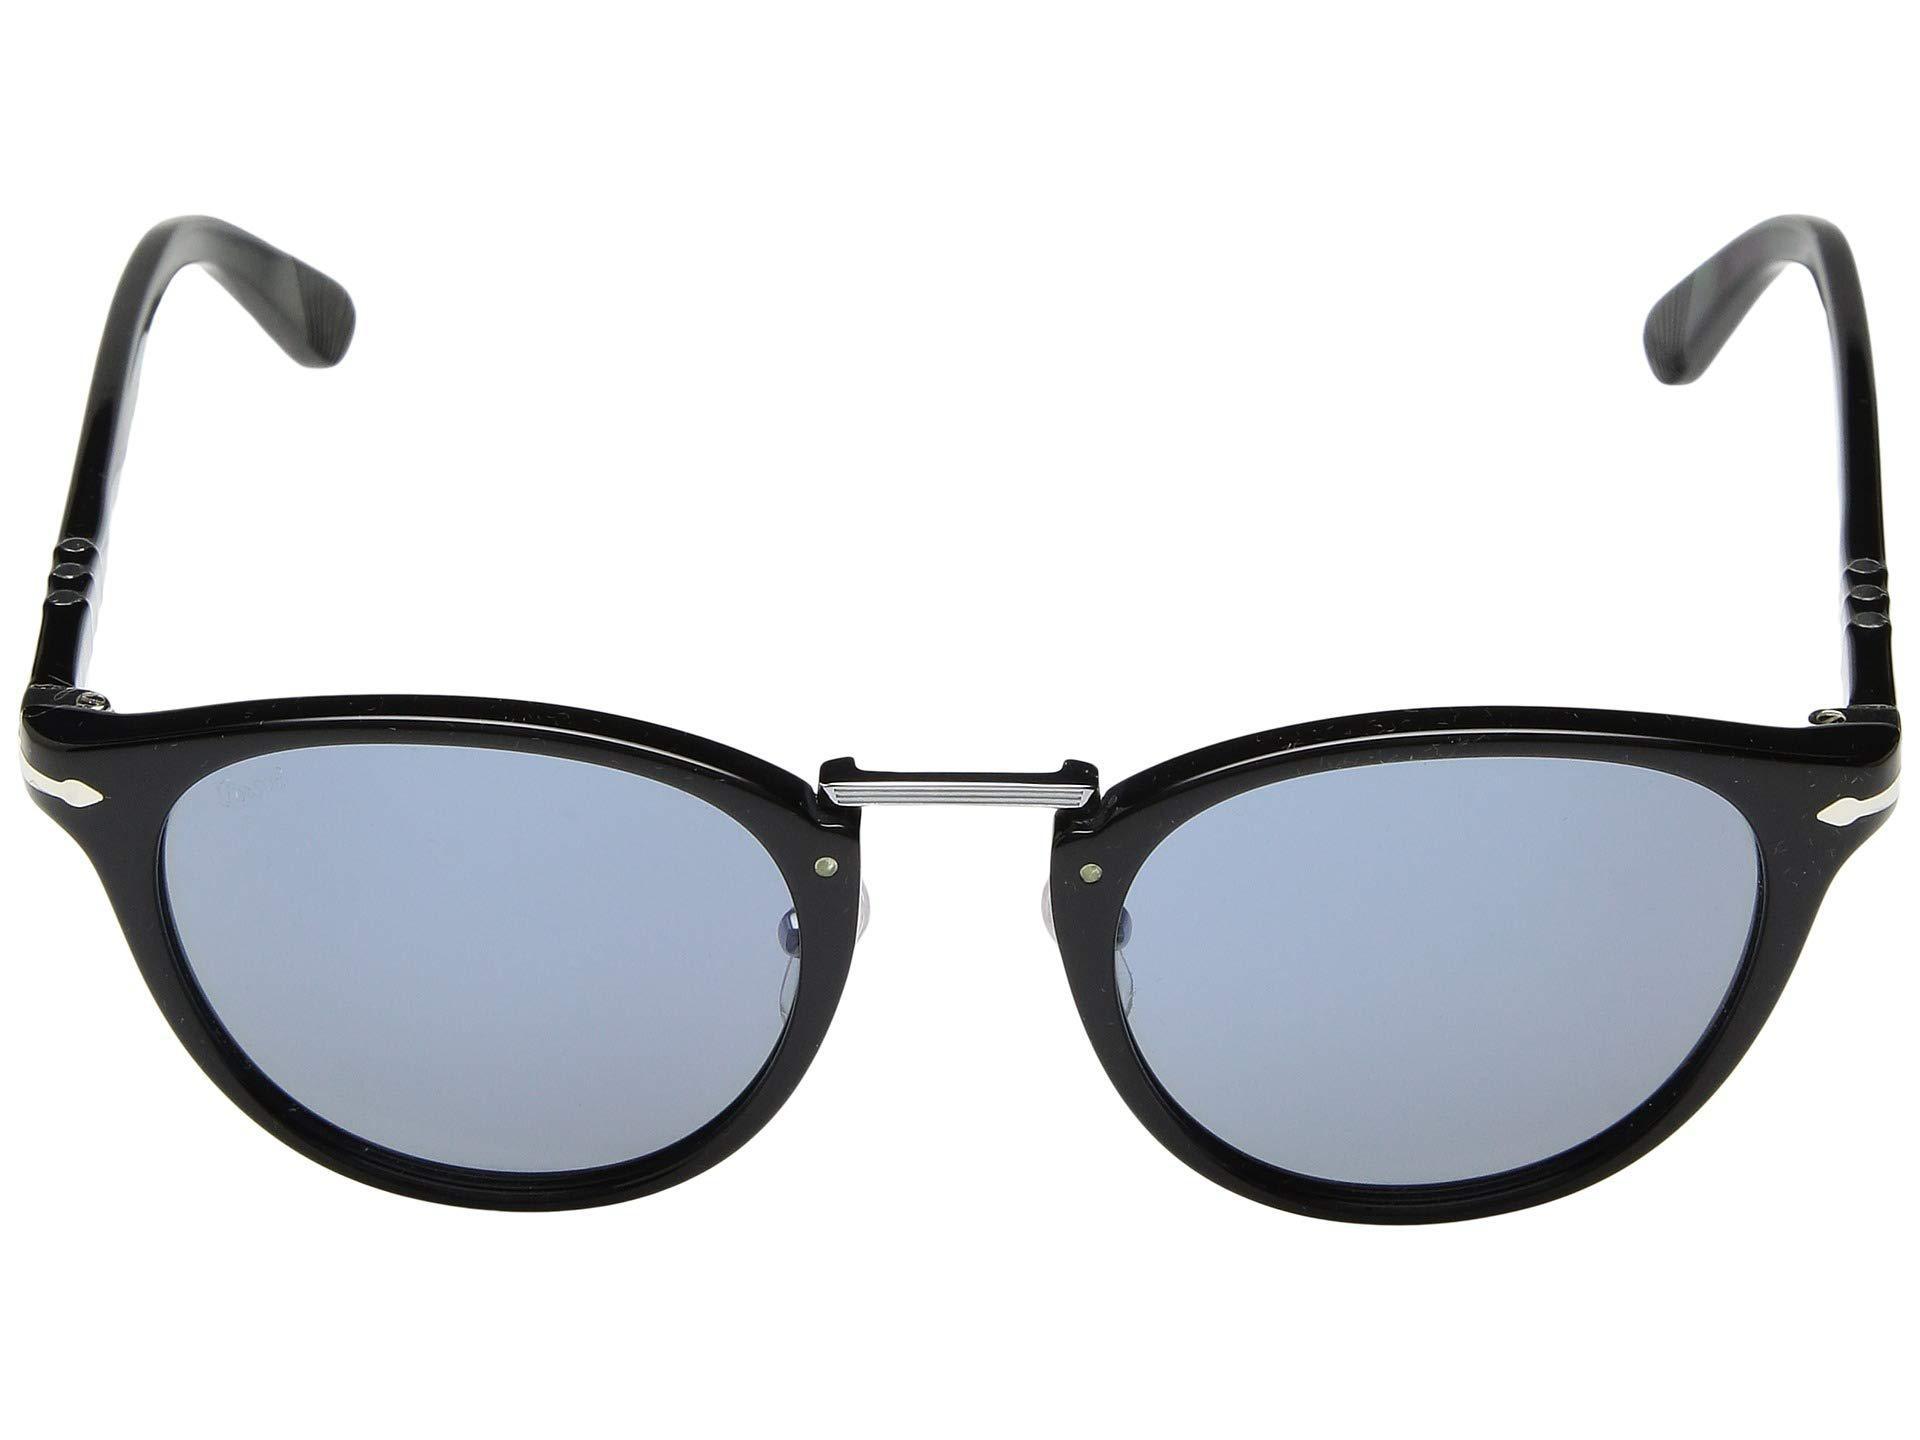 b66d9ce67ca Lyst - Persol 0po3108s (black light Blue) Fashion Sunglasses in ...